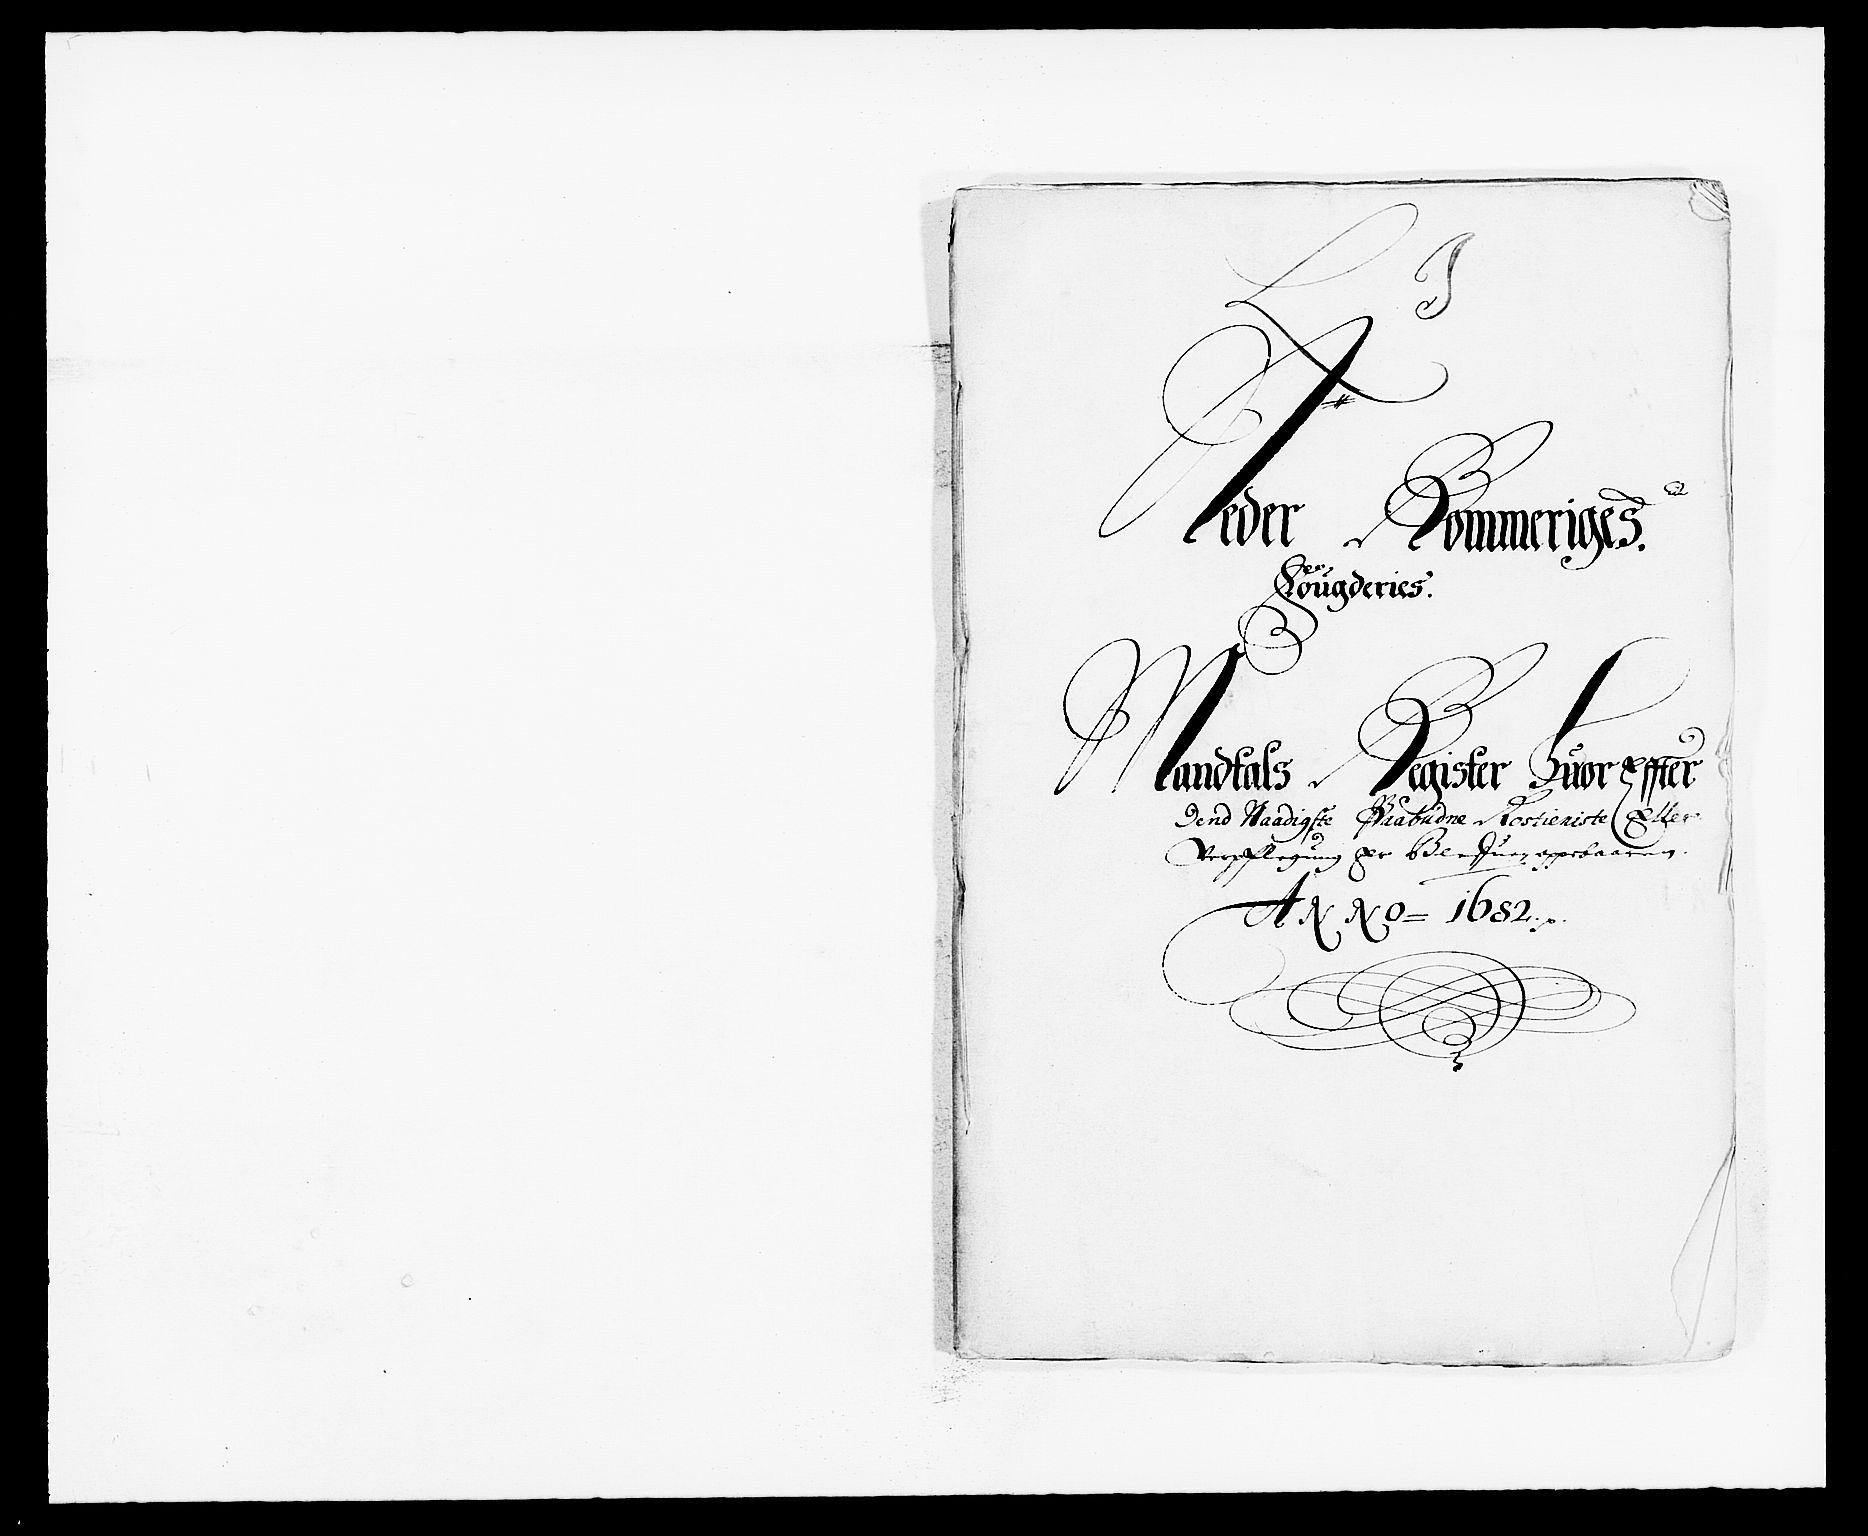 RA, Rentekammeret inntil 1814, Reviderte regnskaper, Fogderegnskap, R11/L0570: Fogderegnskap Nedre Romerike, 1682, s. 214